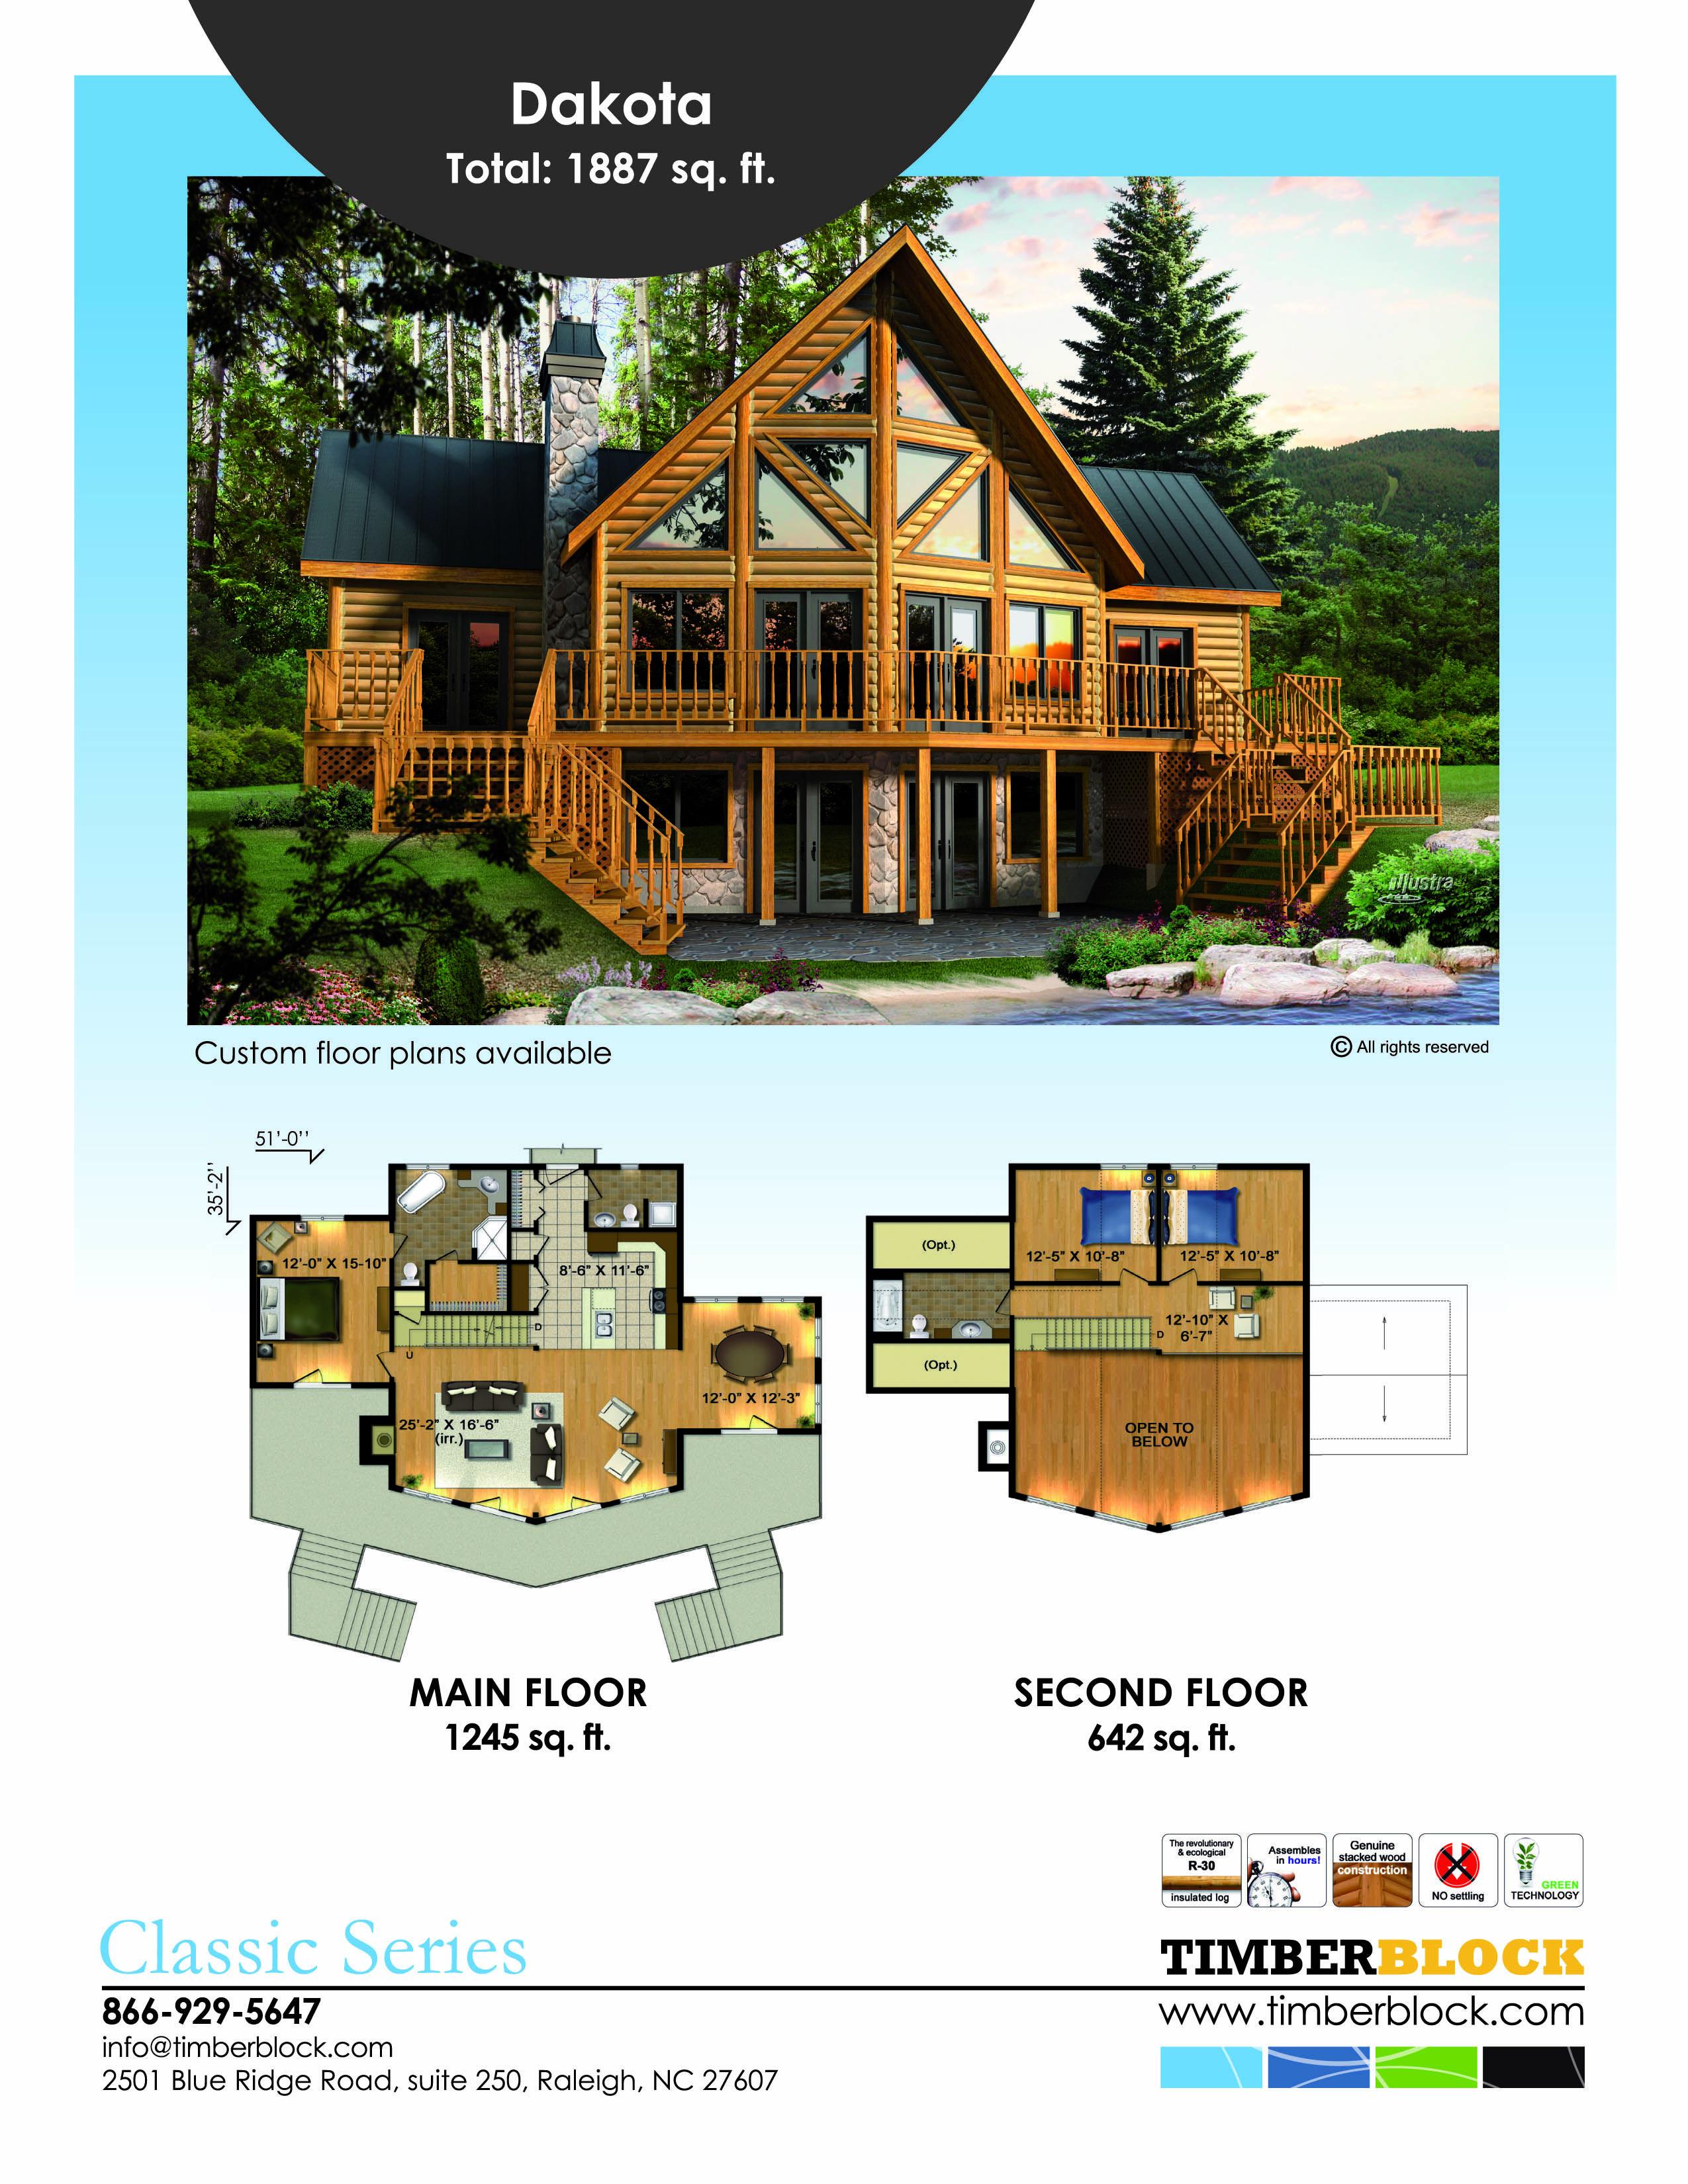 the dakota model in timber block u0027s classic series is a favorite